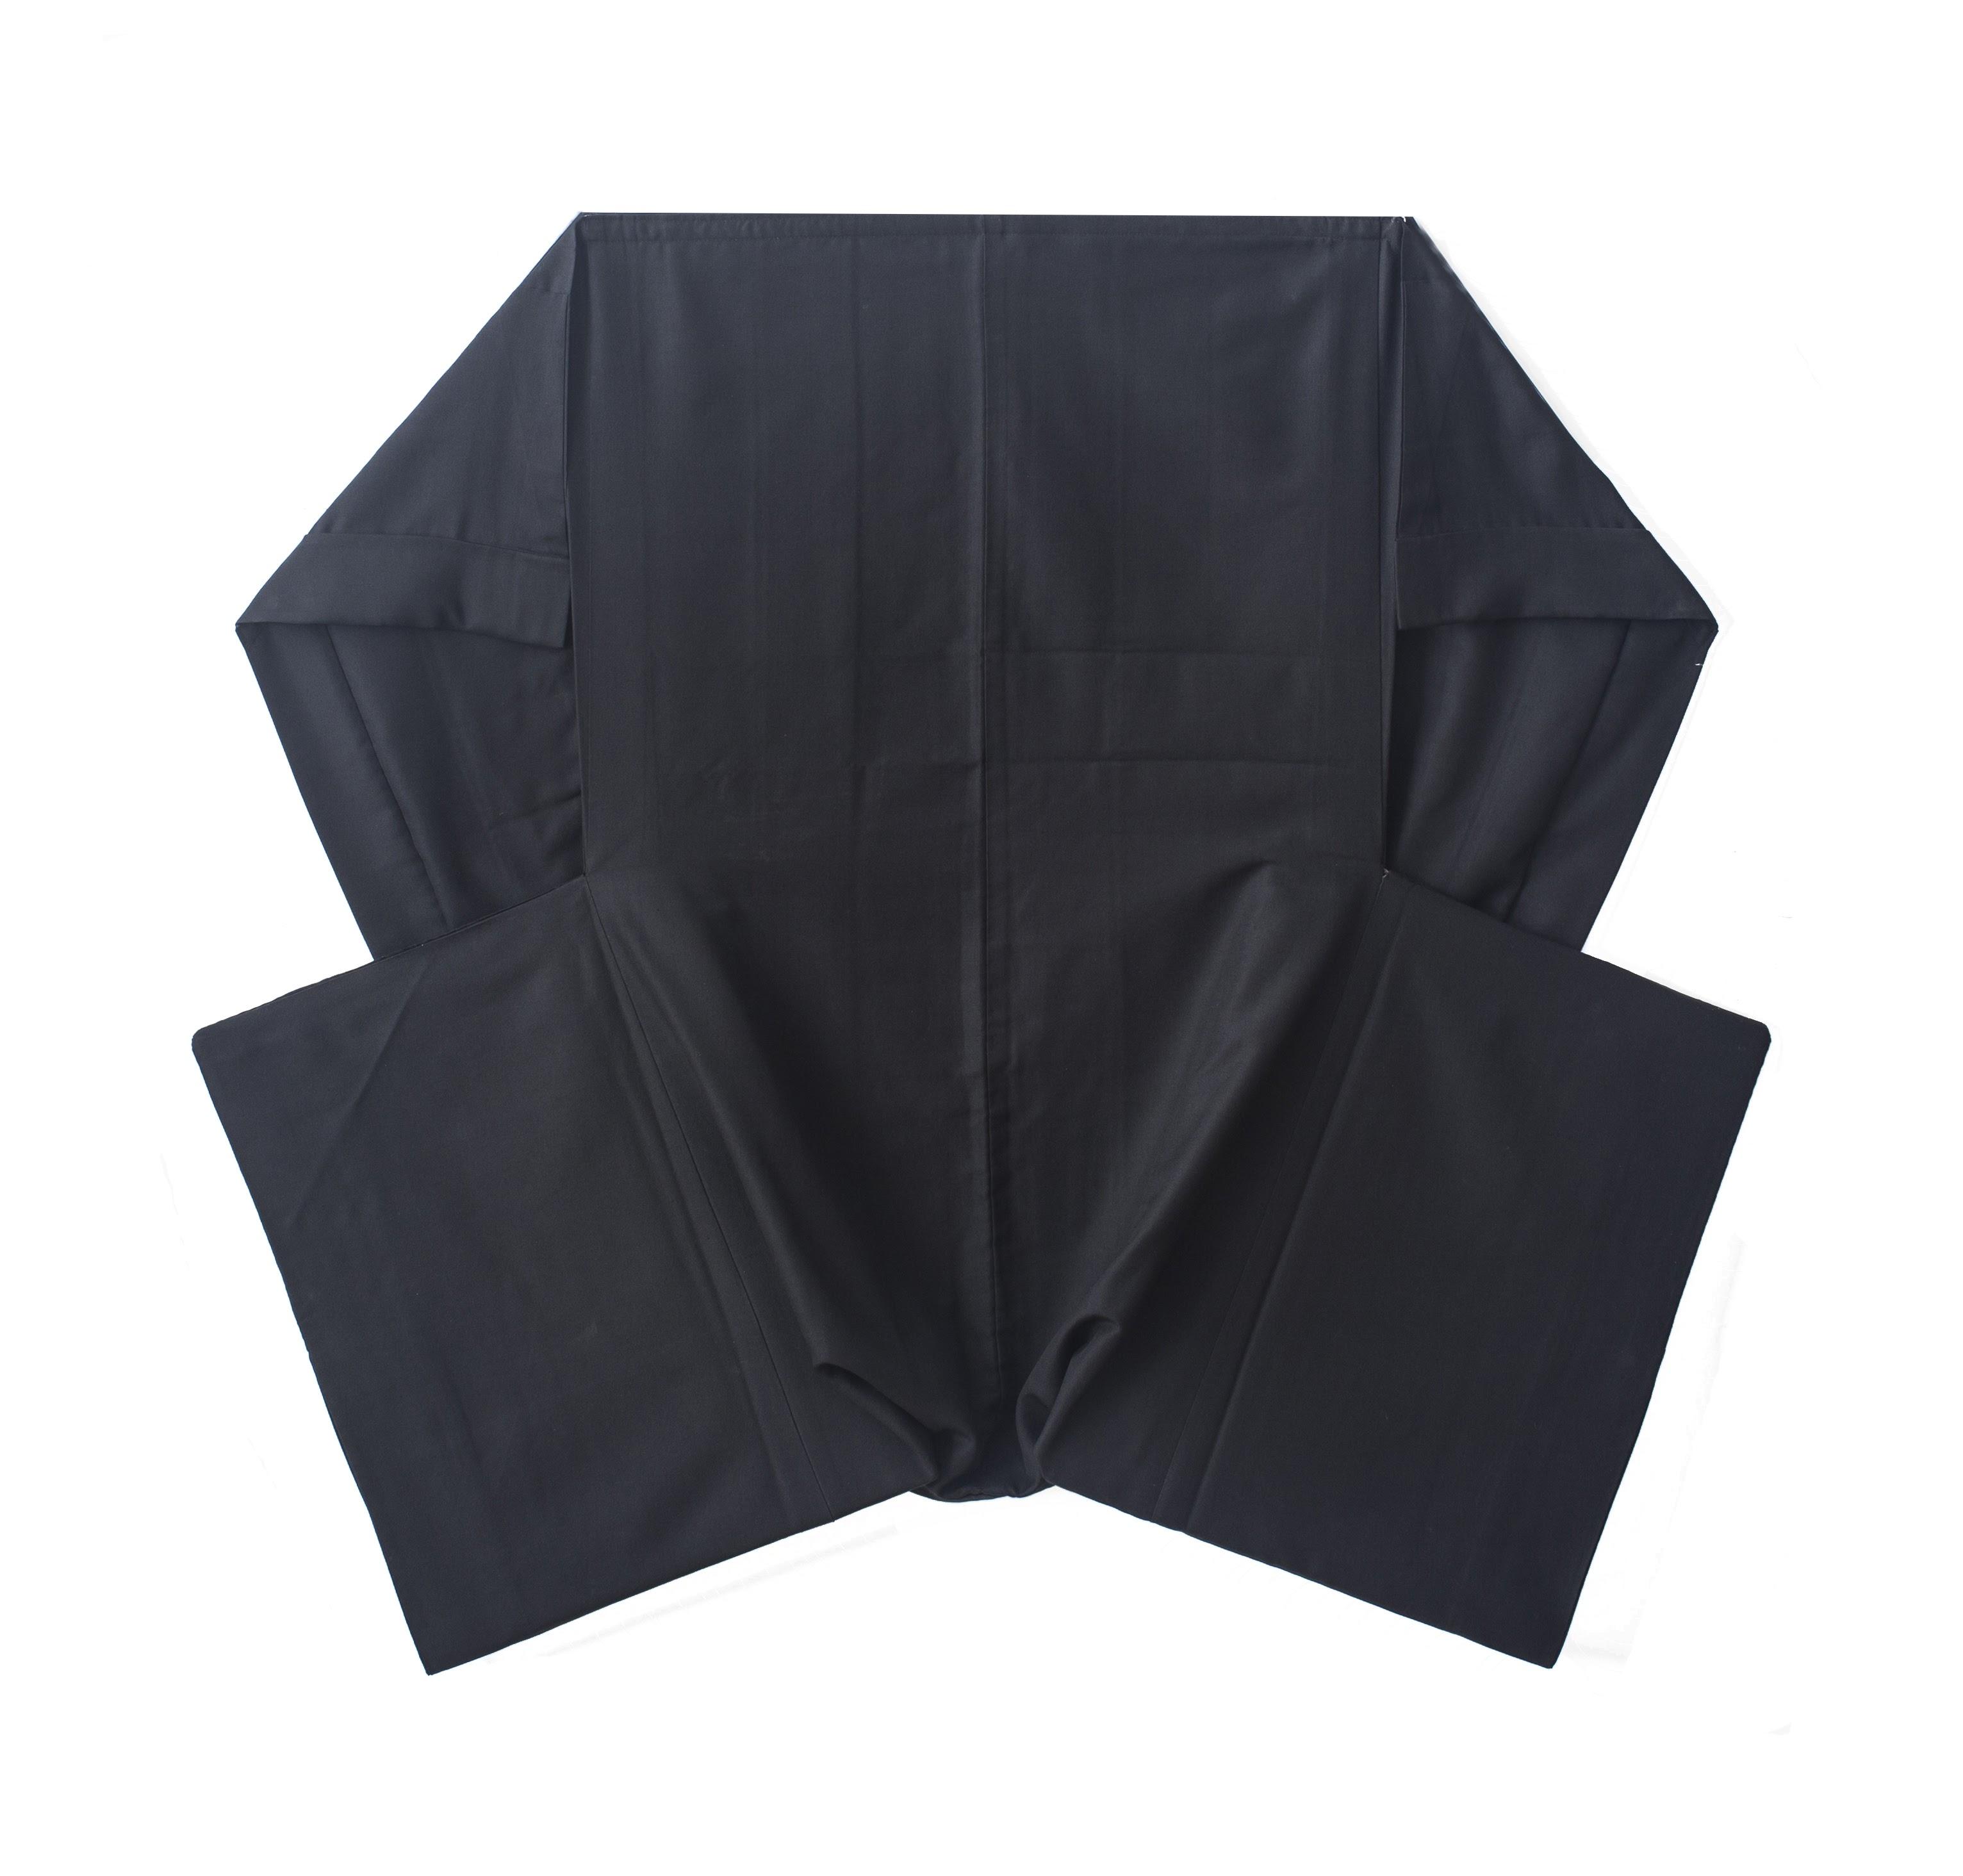 CONSTELACIÓN Técnica: Haori de seda con incorporación de cartón y velcro. Dimensiones: 130 x 100 cm.